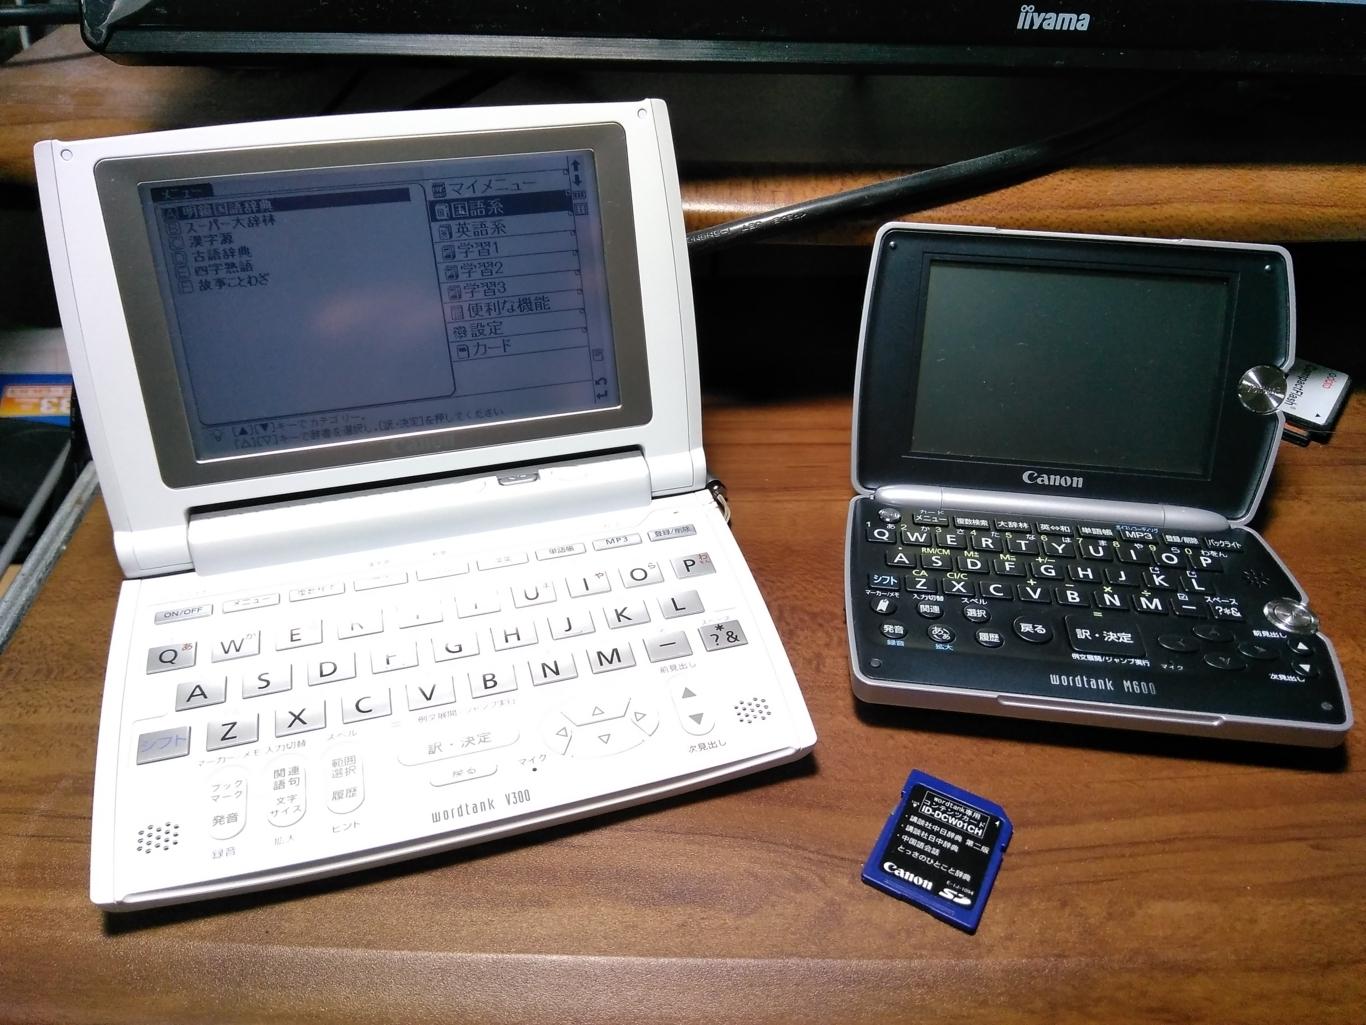 wordtank V300, M600